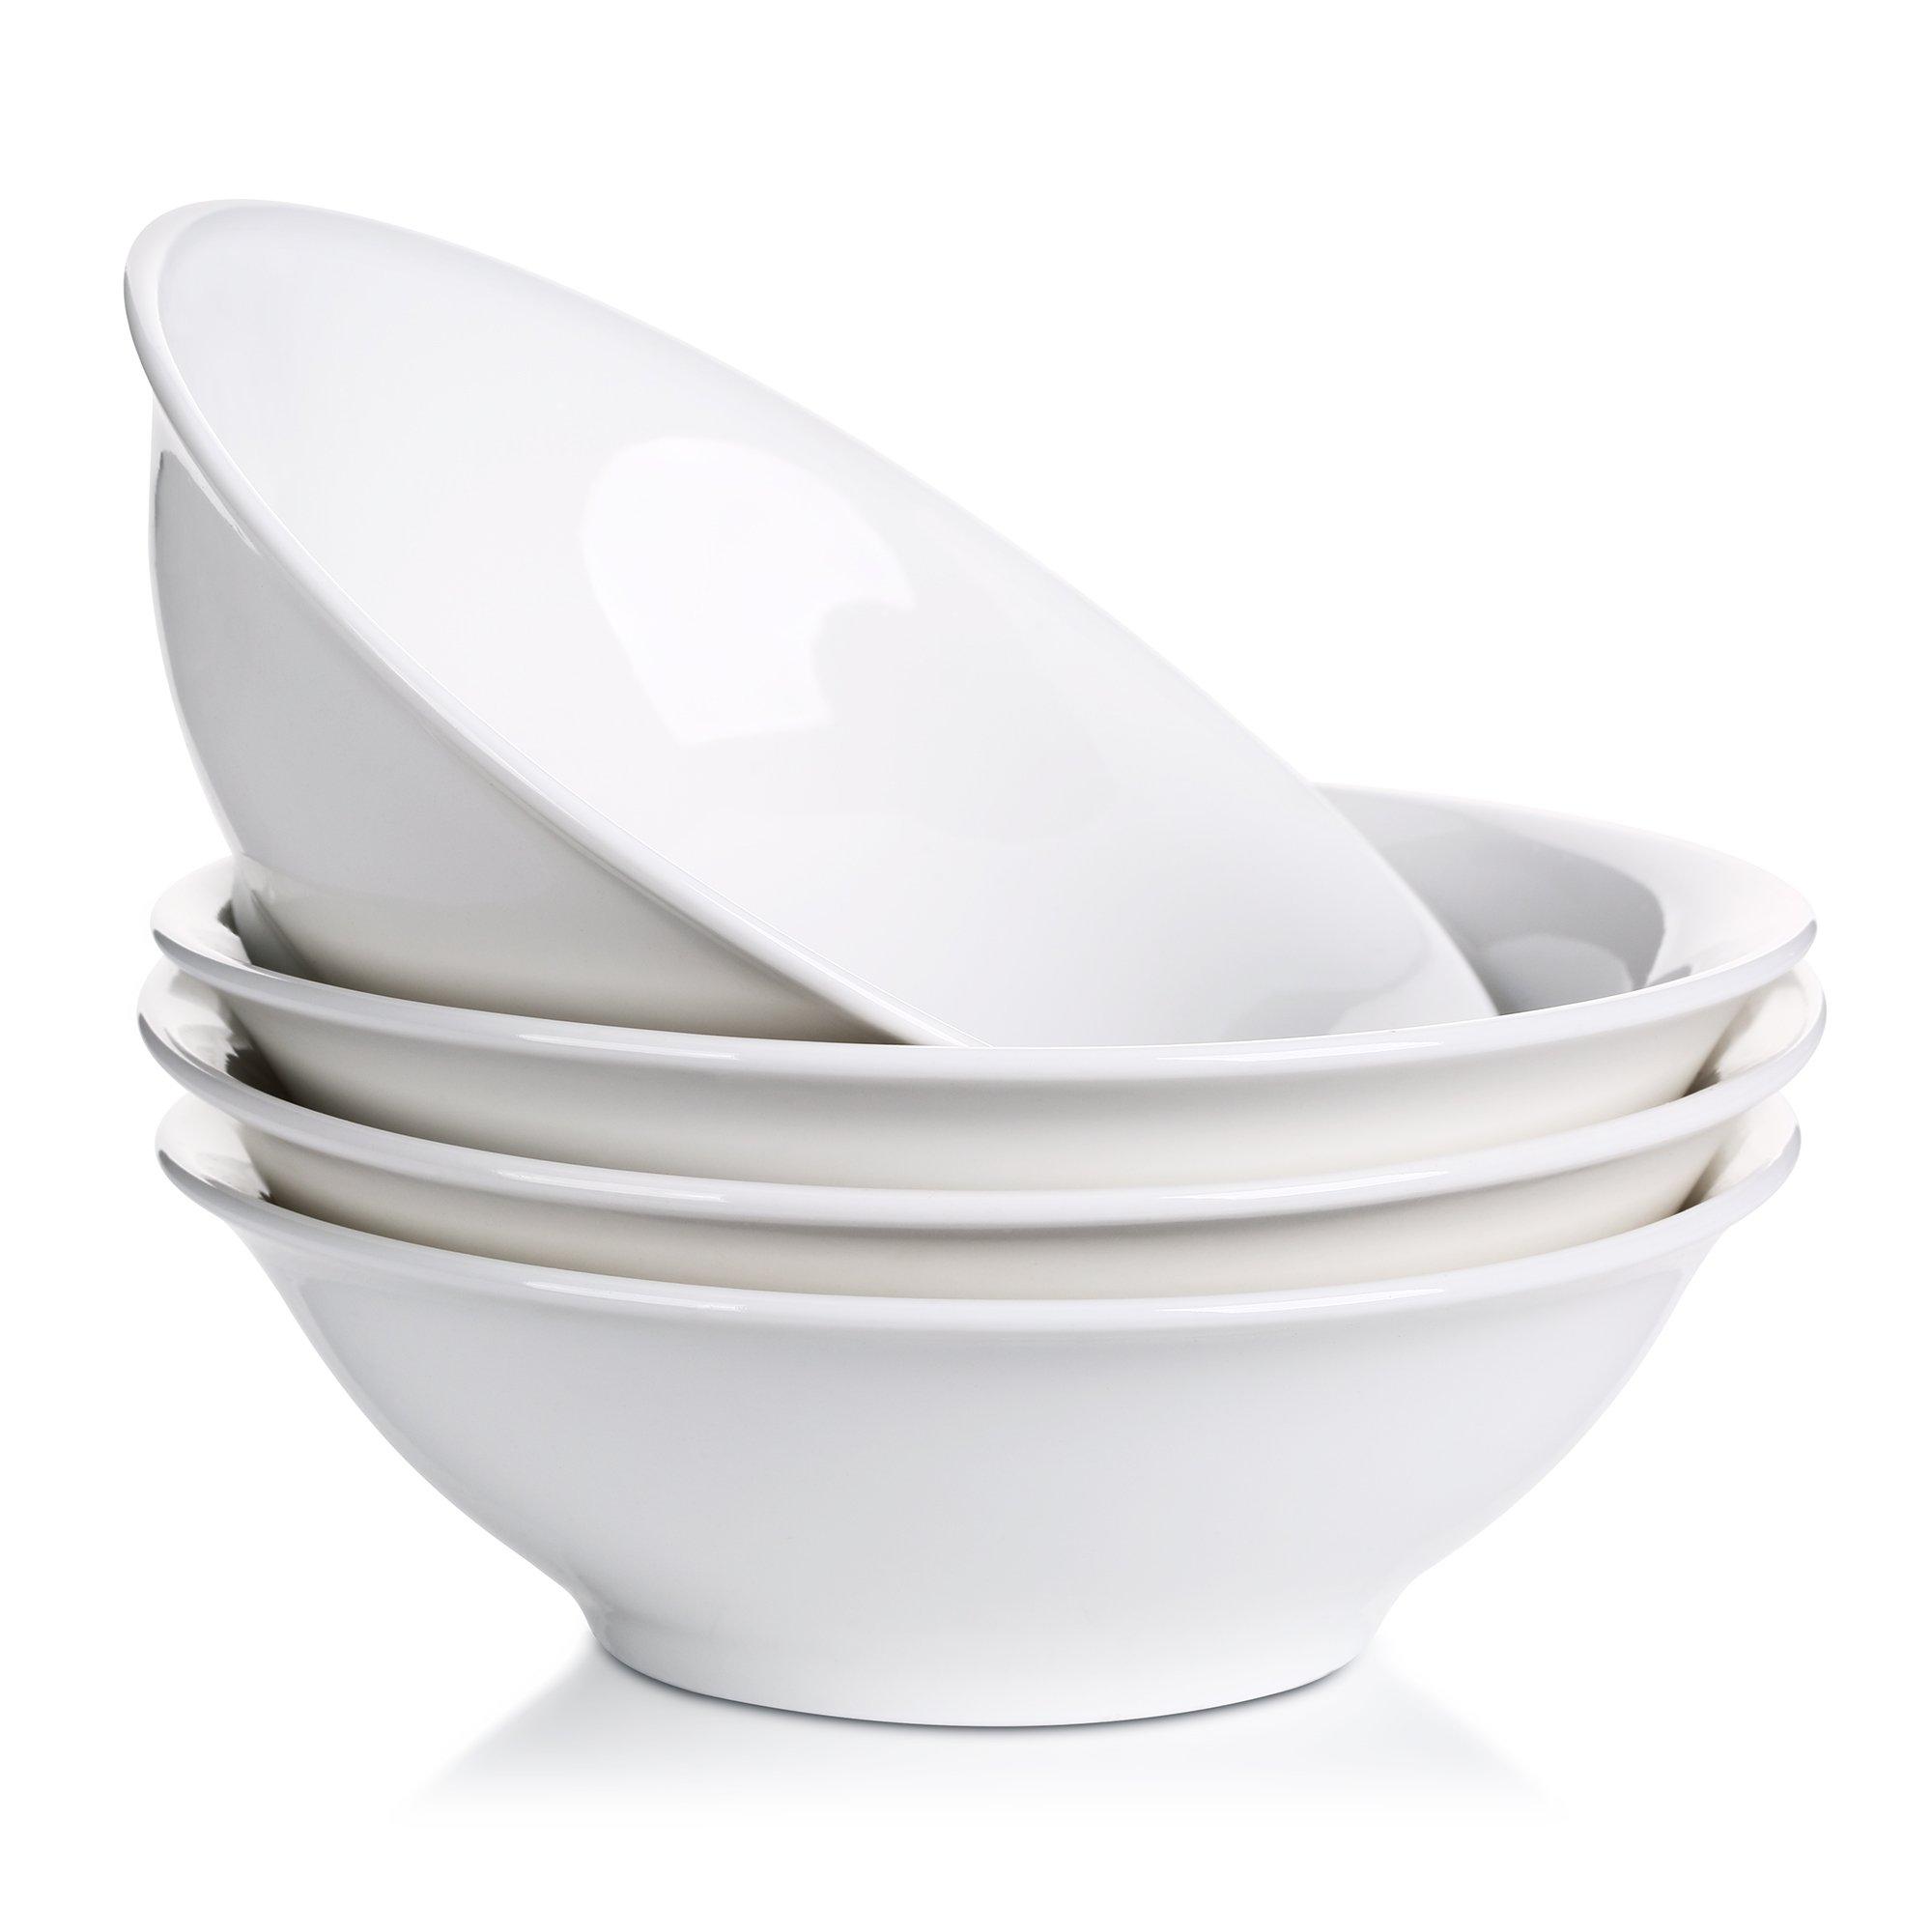 Lifver 28-Oz Porcelain Cereal/Soup/Noodle Bowl, Natural White,Set of 4